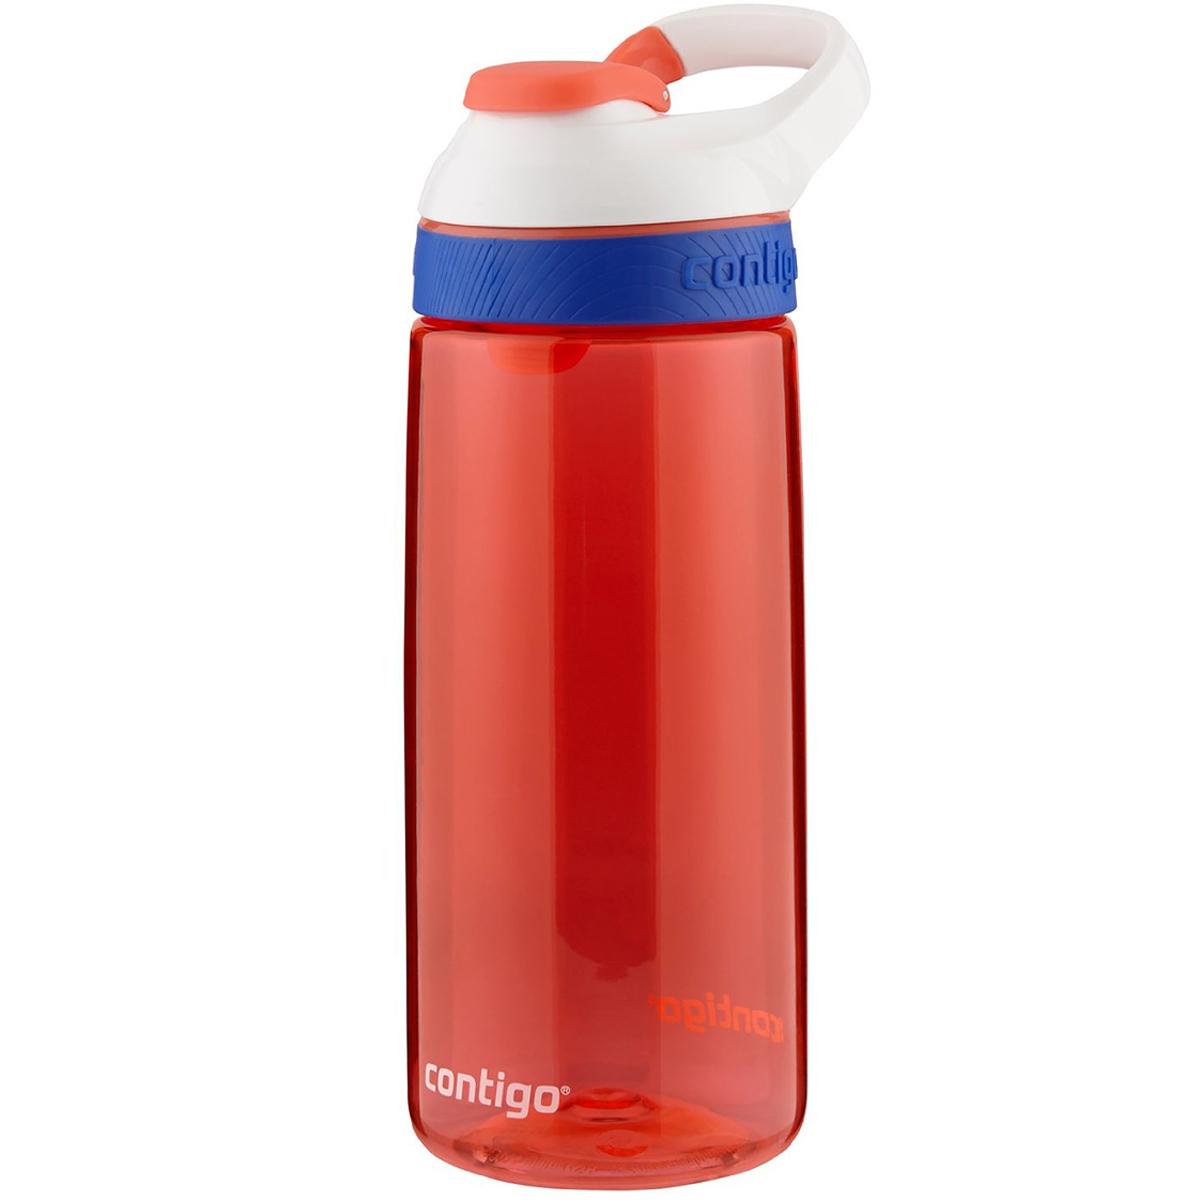 Contigo-20-oz-Kid-039-s-Courtney-AutoSeal-Water-Bottle thumbnail 26